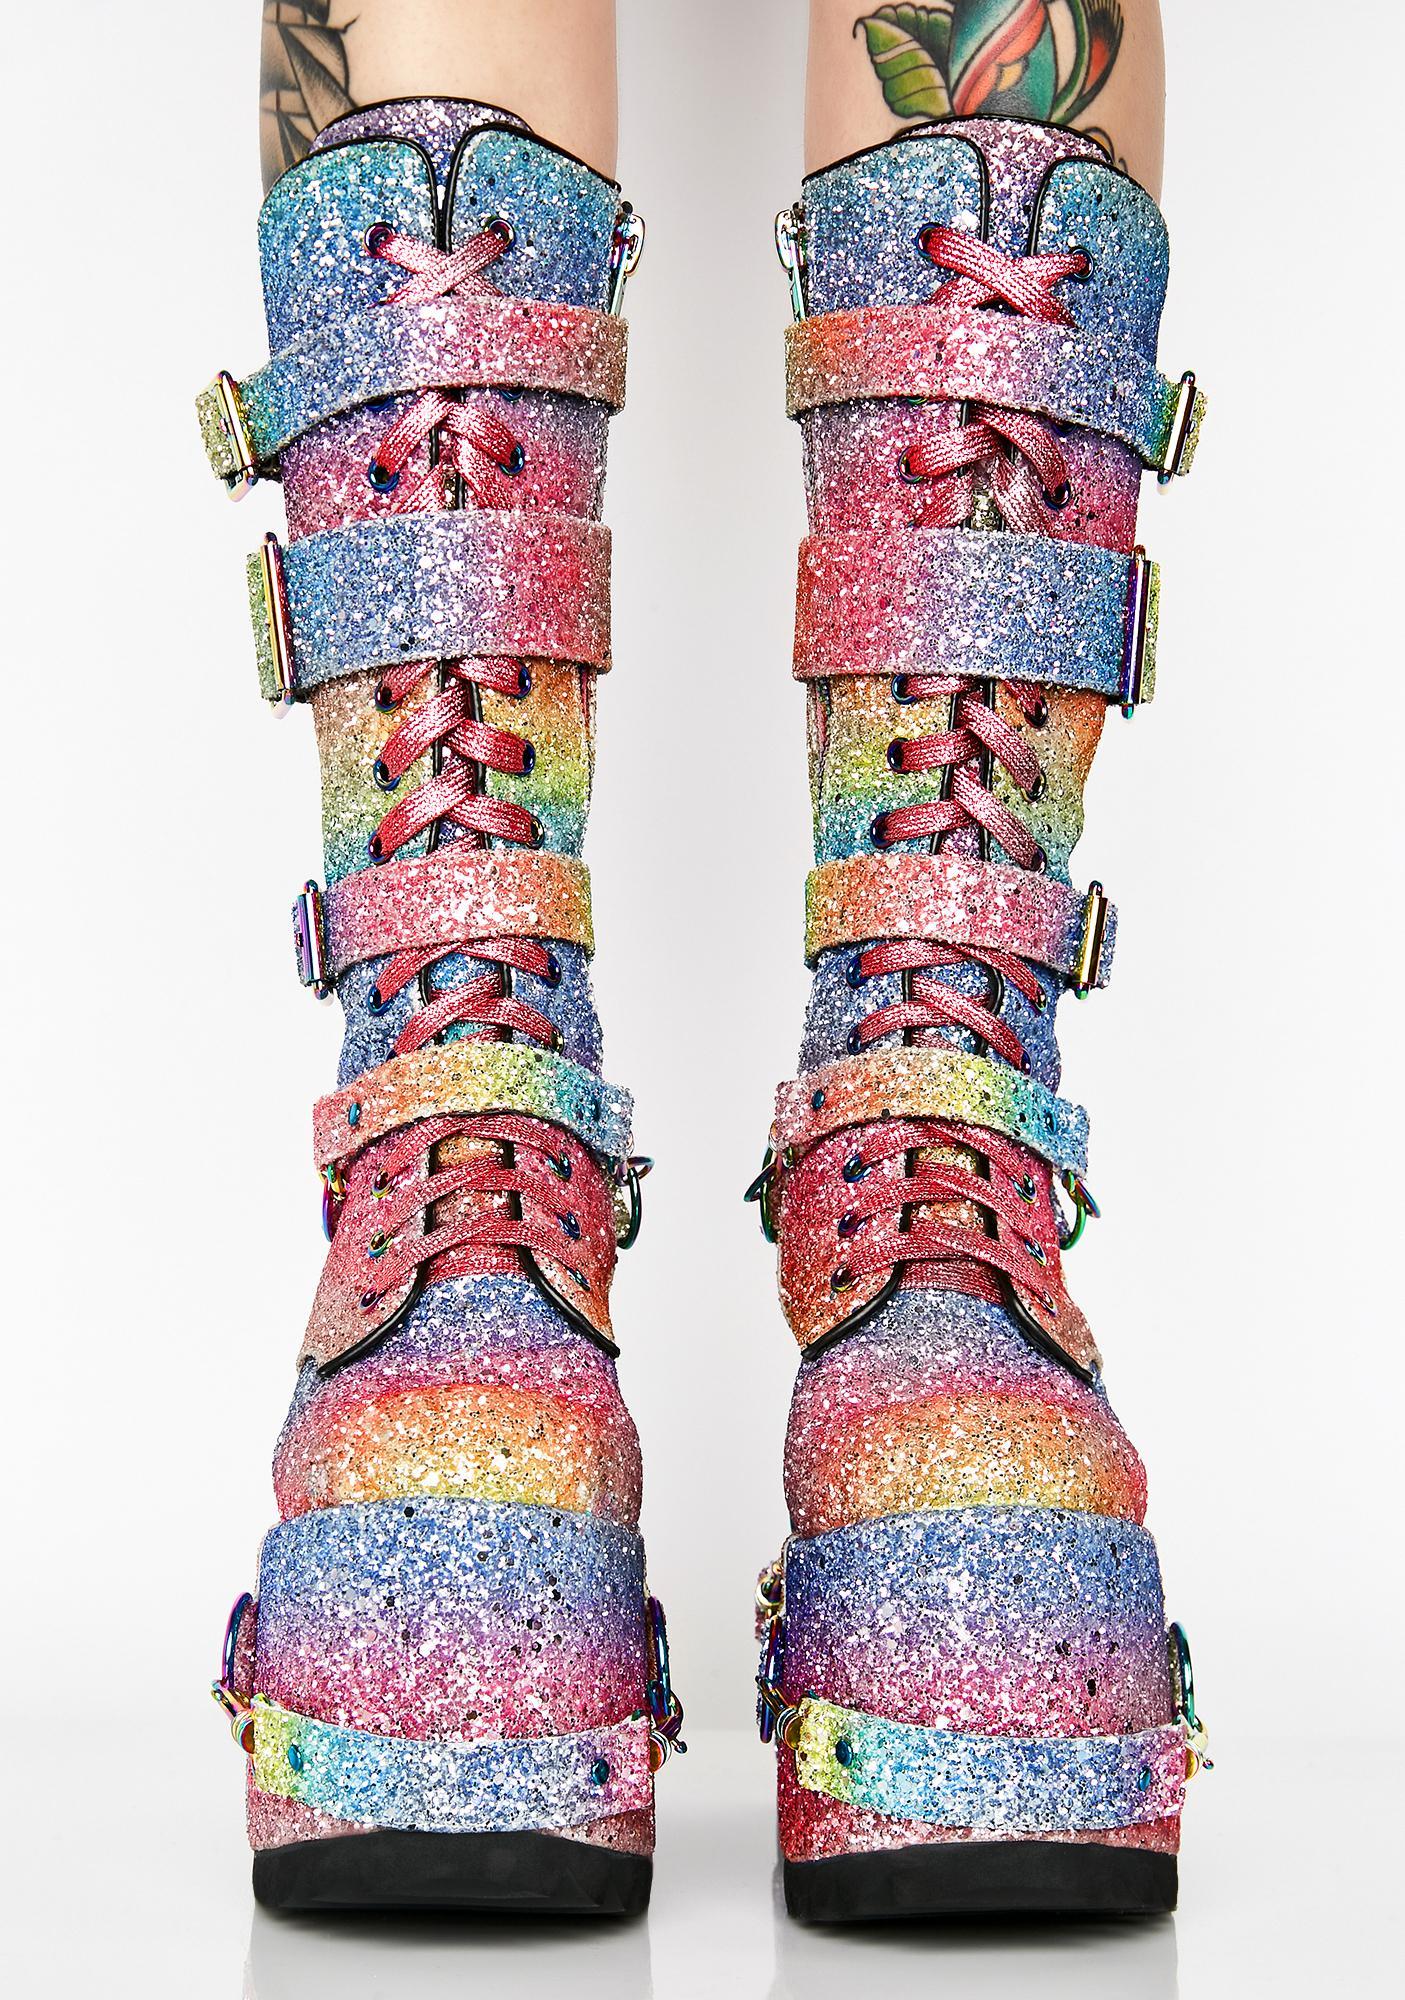 Club Exx Sparkle Pony Platform Boots